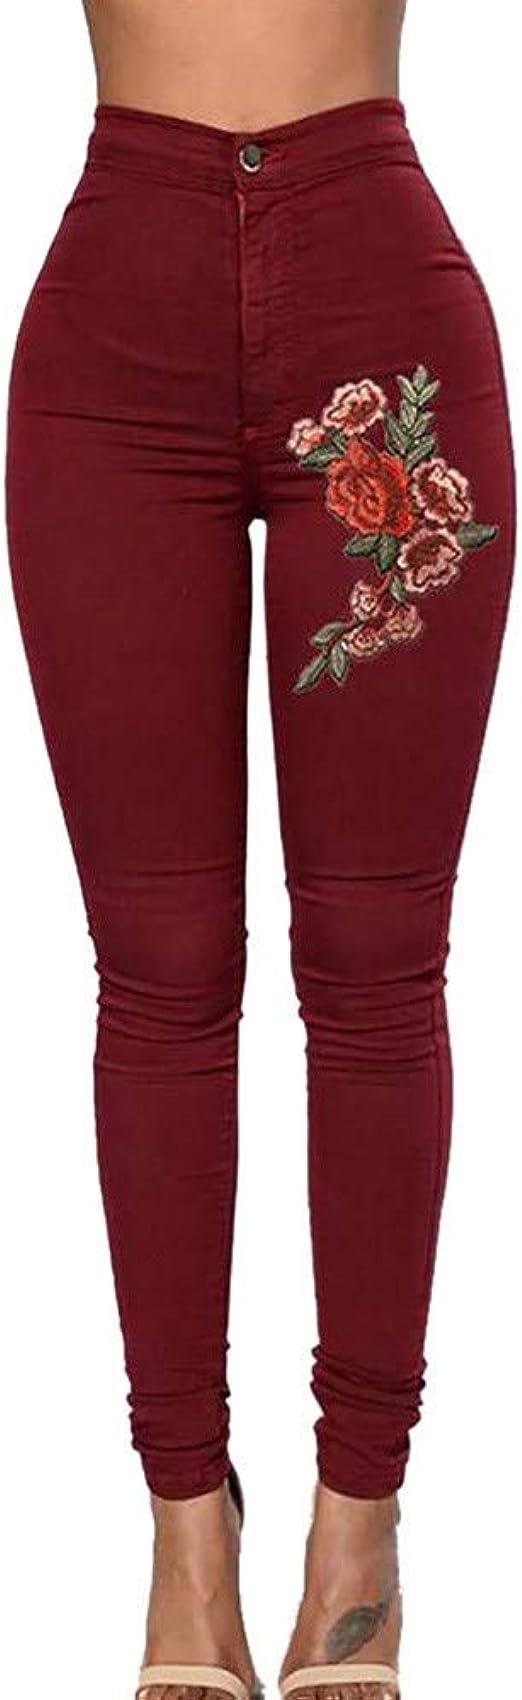 HX fashion ジーンズレディーススリムフィットスキニーフィットジーンズジョガー足上げ足首ストレート脚穴ありストレッチデニムリラックスパンツパッチパンツローズ刺繍ペンシルパンツジーンズ